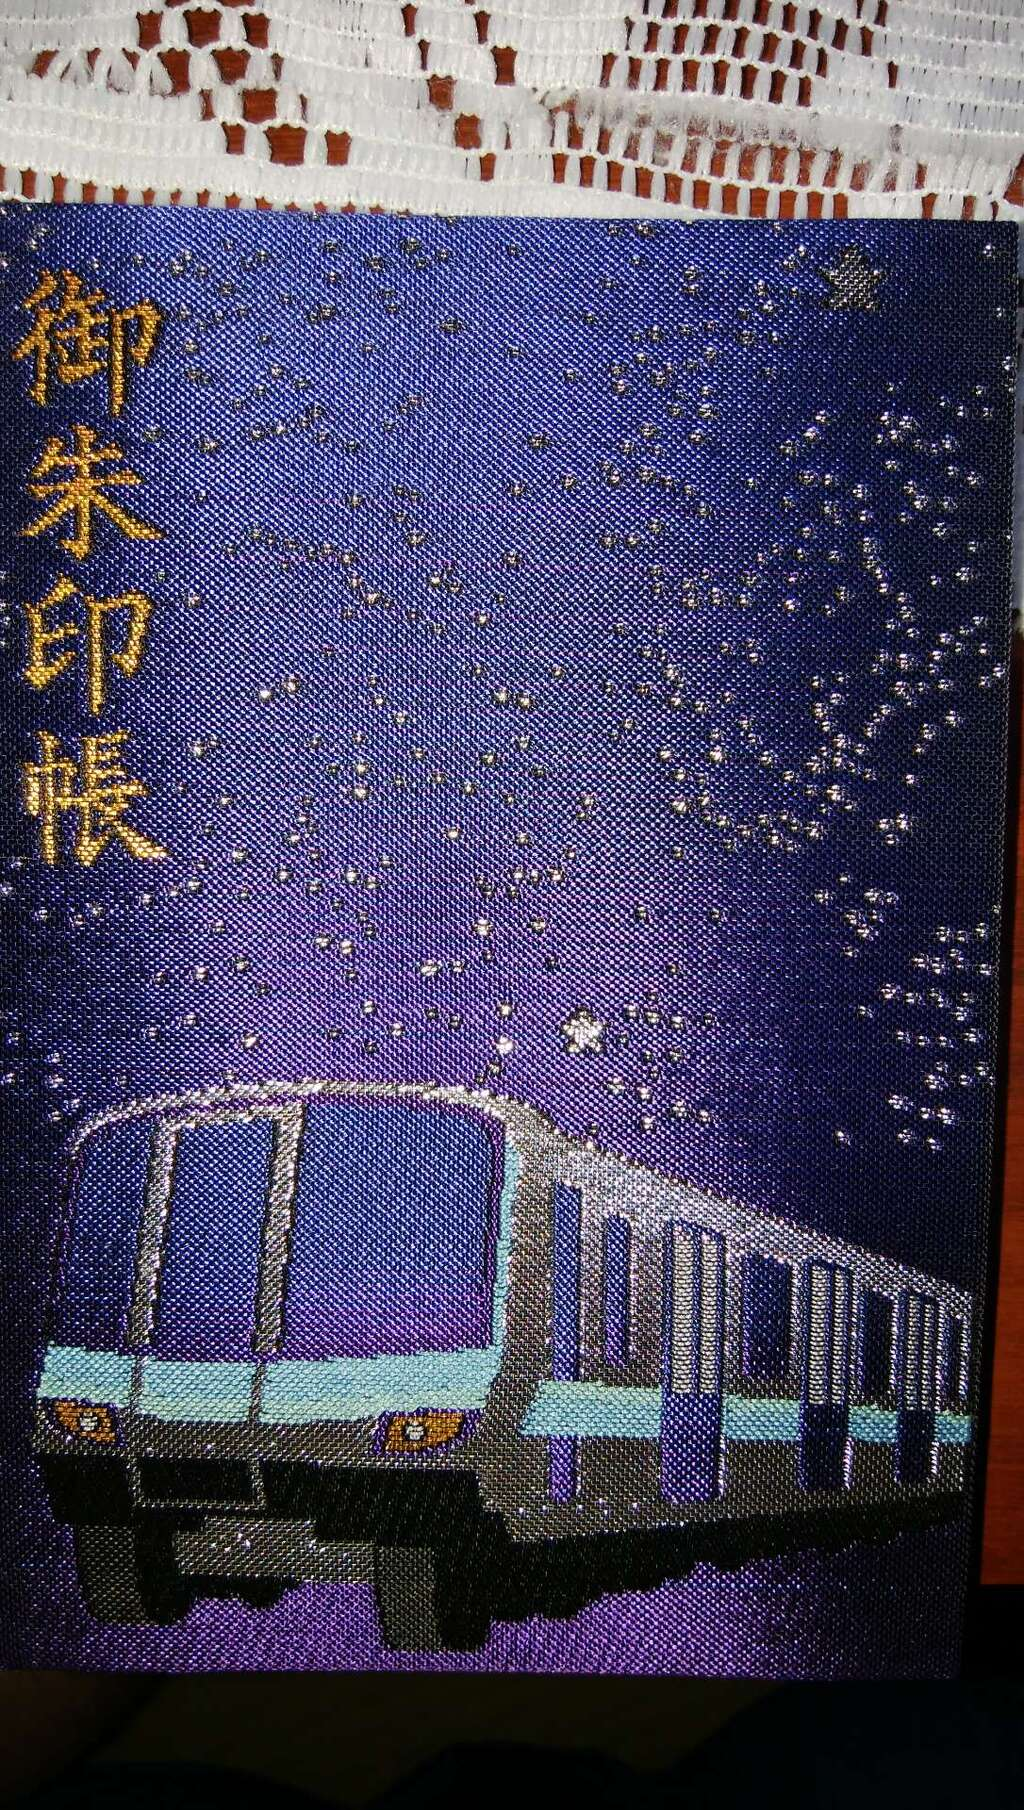 福聚院(神奈川県)